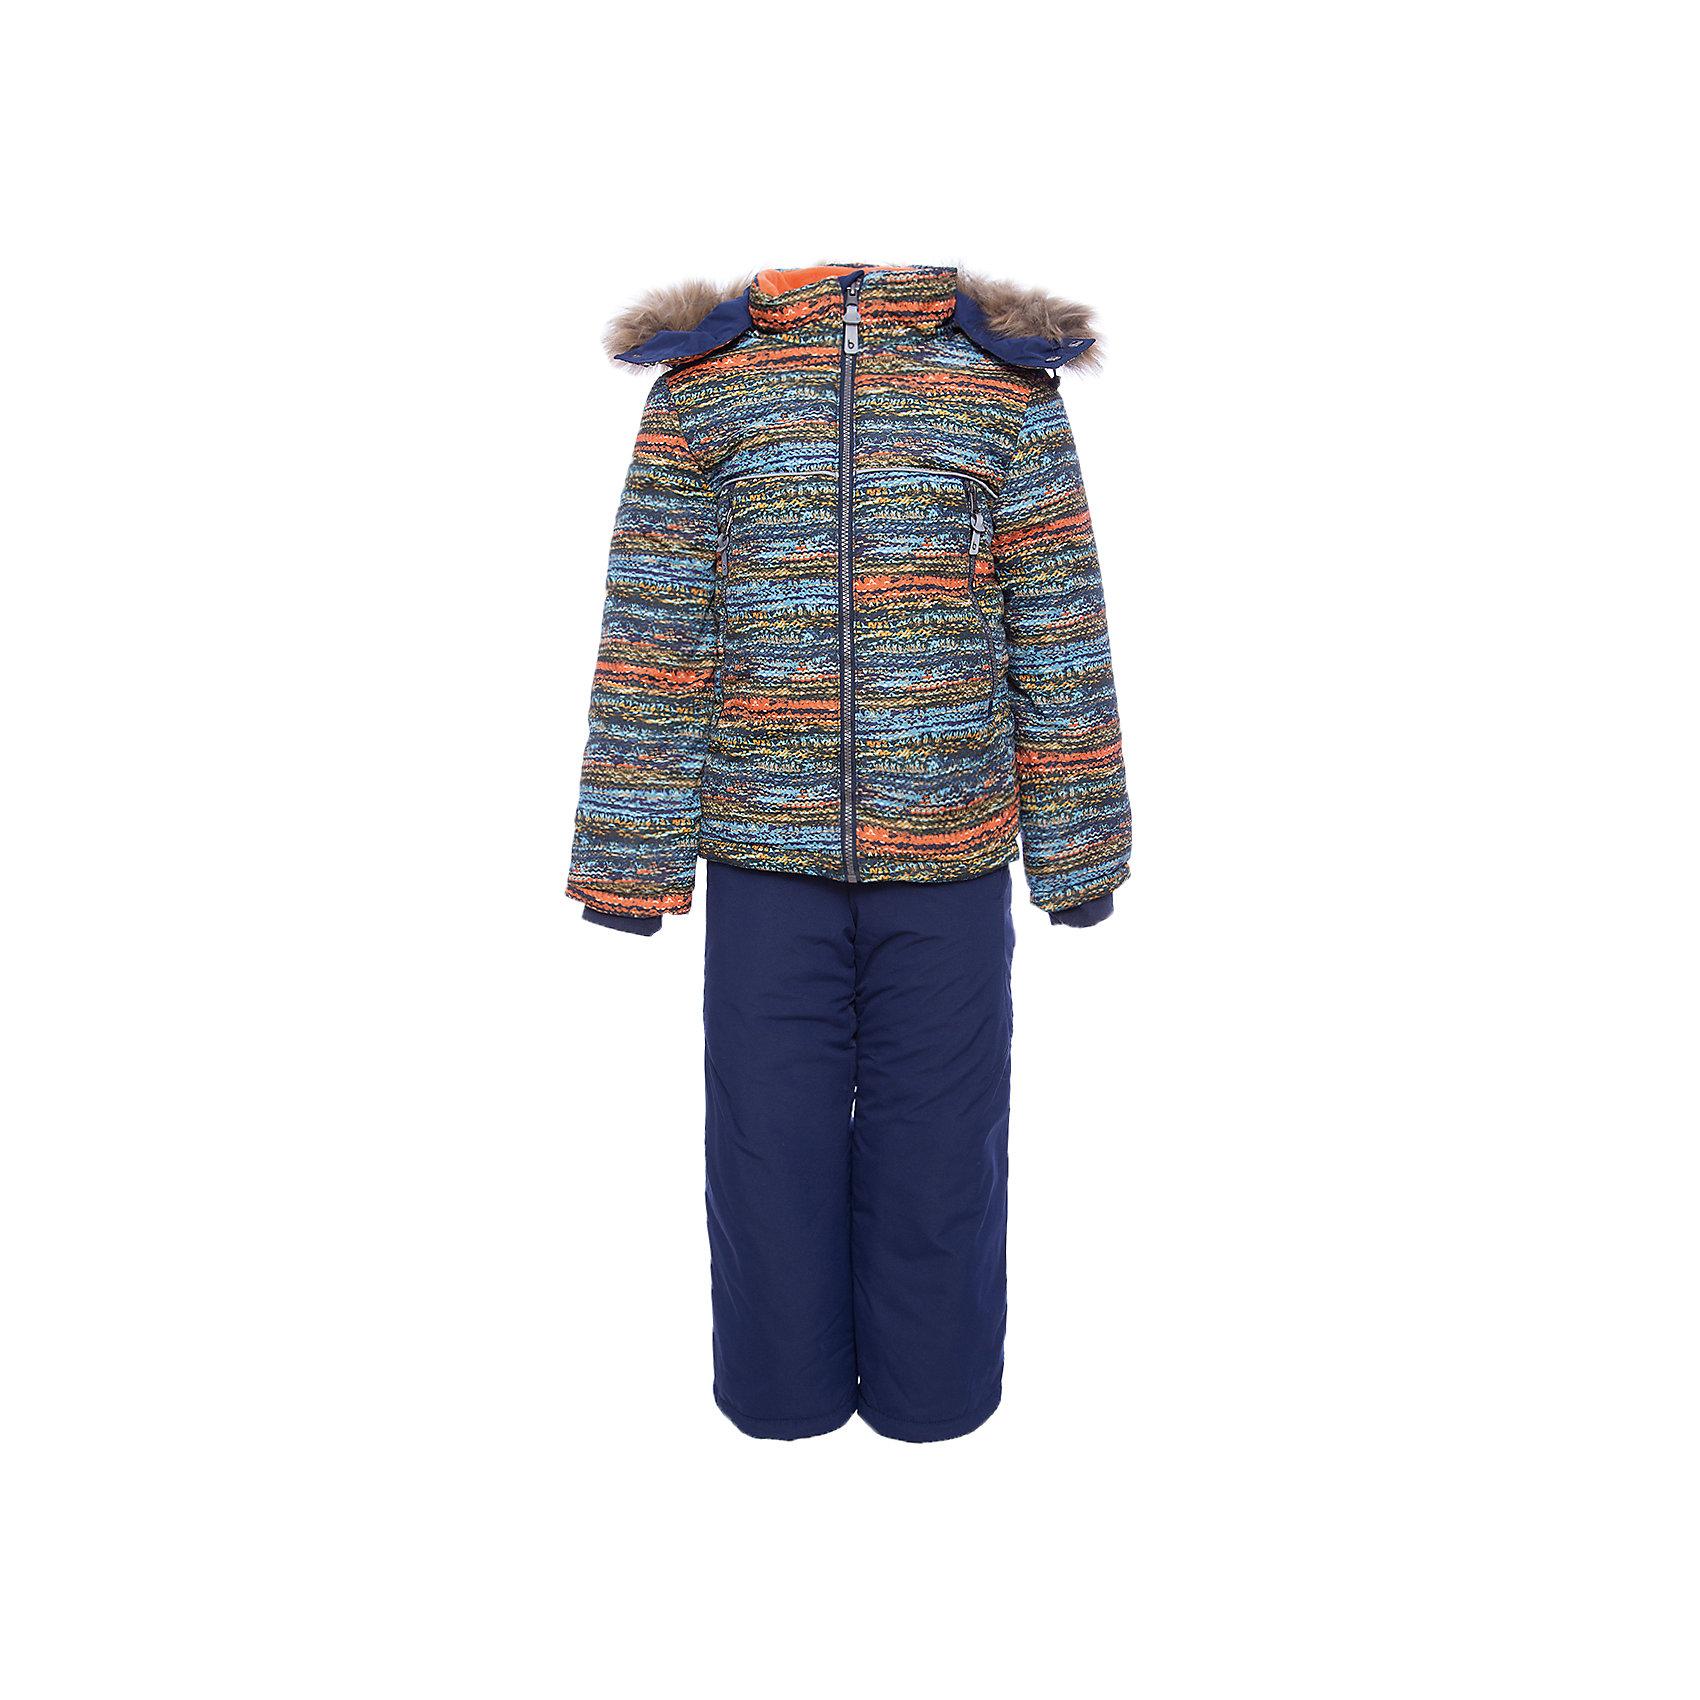 Комплект: куртка и полукомбенизон Алёша Batik для мальчикаВерхняя одежда<br>Характеристики товара:<br><br>• цвет: красный<br>• комплектация: куртка и полукомбинезон <br>• состав ткани: таслан<br>• подкладка: поларфлис<br>• утеплитель: слайтекс<br>• сезон: зима<br>• мембранное покрытие<br>• температурный режим: от -35 до 0<br>• водонепроницаемость: 5000 мм <br>• паропроницаемость: 5000 г/м2<br>• плотность утеплителя: куртка - 350 г/м2, полукомбинезон - 200 г/м2<br>• застежка: молния<br>• капюшон: с мехом, отстегивается<br>• силиконовые штрипки<br>• встроенный термодатчик<br>• страна бренда: Россия<br>• страна изготовитель: Россия<br><br>Этот теплый зимний комплект для мальчика дополнен штрипками и отстегивающимися лямками. Детский комплект защитит ребенка от попадания снега внутрь благодаря манжетам. Мягкая подкладка детского комплекта для зимы делает его очень комфортным. Мембранное покрытие такого комплекта для мальчика позволяет ребенку не мерзнуть в сильный мороз. <br><br>Комплект: куртка и полукомбинезон Алёша Batik (Батик) для мальчика можно купить в нашем интернет-магазине.<br><br>Ширина мм: 356<br>Глубина мм: 10<br>Высота мм: 245<br>Вес г: 519<br>Цвет: красный<br>Возраст от месяцев: 60<br>Возраст до месяцев: 72<br>Пол: Мужской<br>Возраст: Детский<br>Размер: 116,92,98,104,110<br>SKU: 7028293